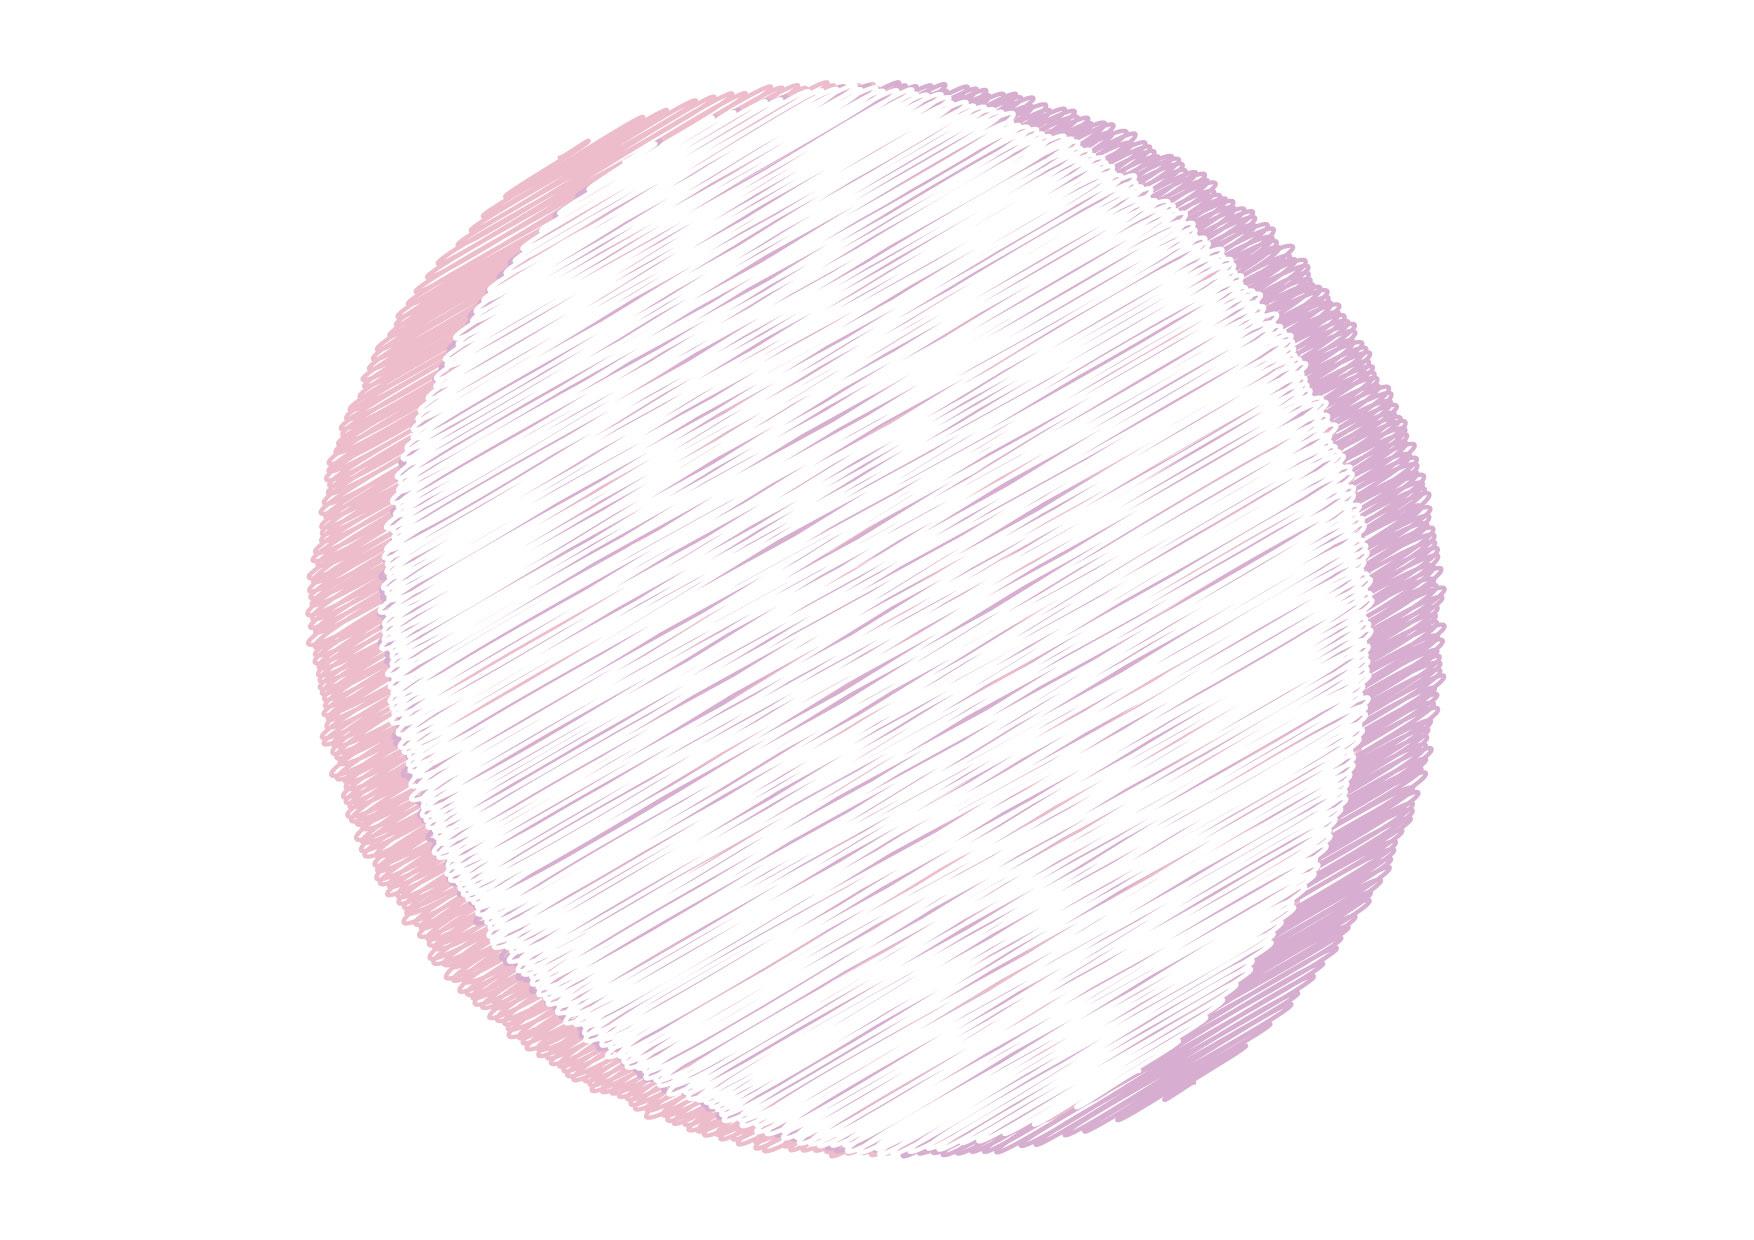 可愛いイラスト無料|円フレーム 落書き ピンク 背景 − free illustration Circle frame graffiti pink background